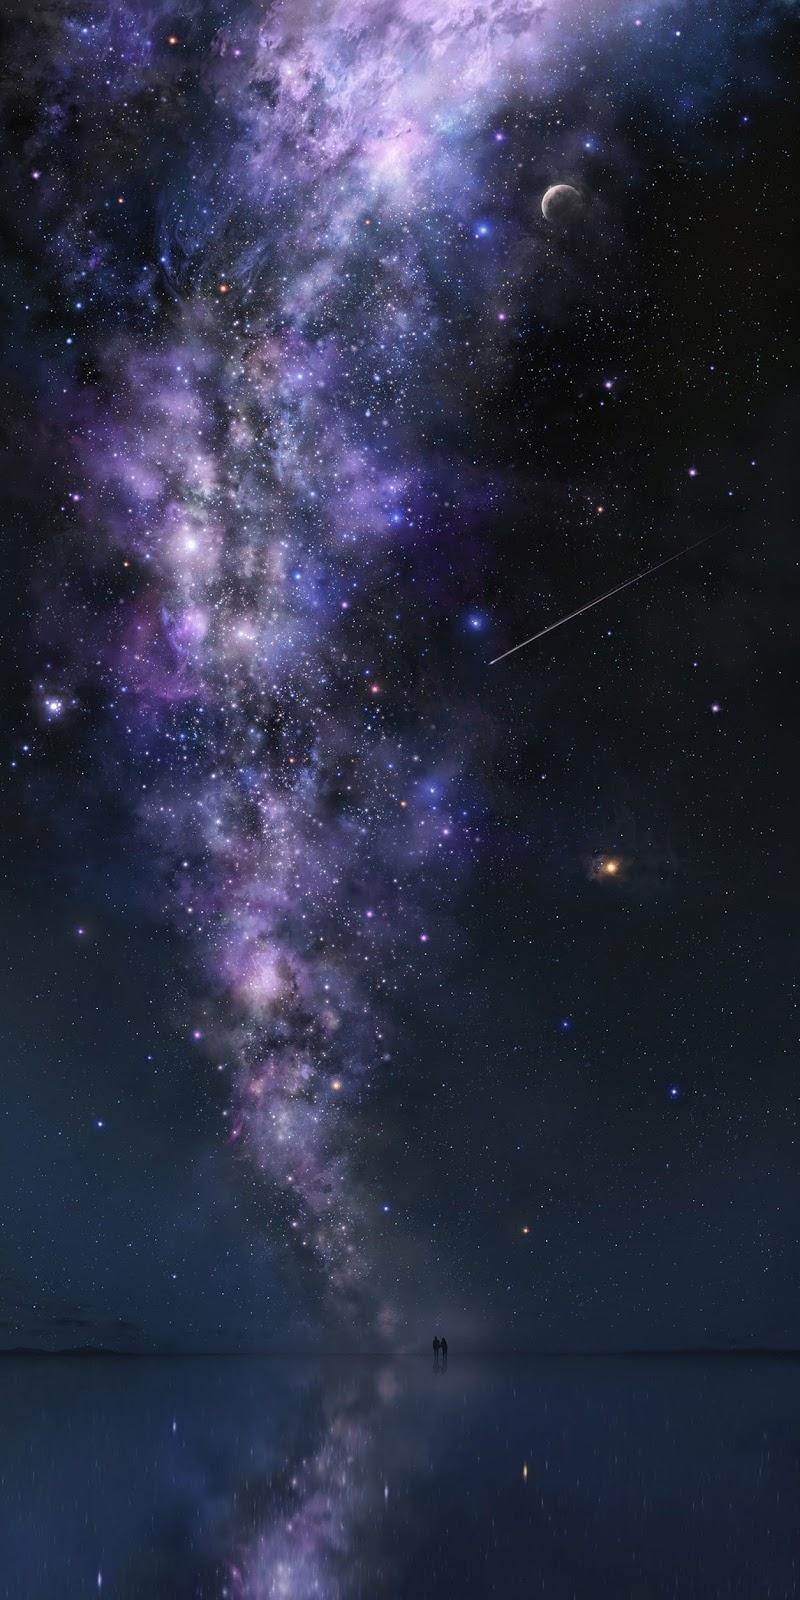 Under starry sky